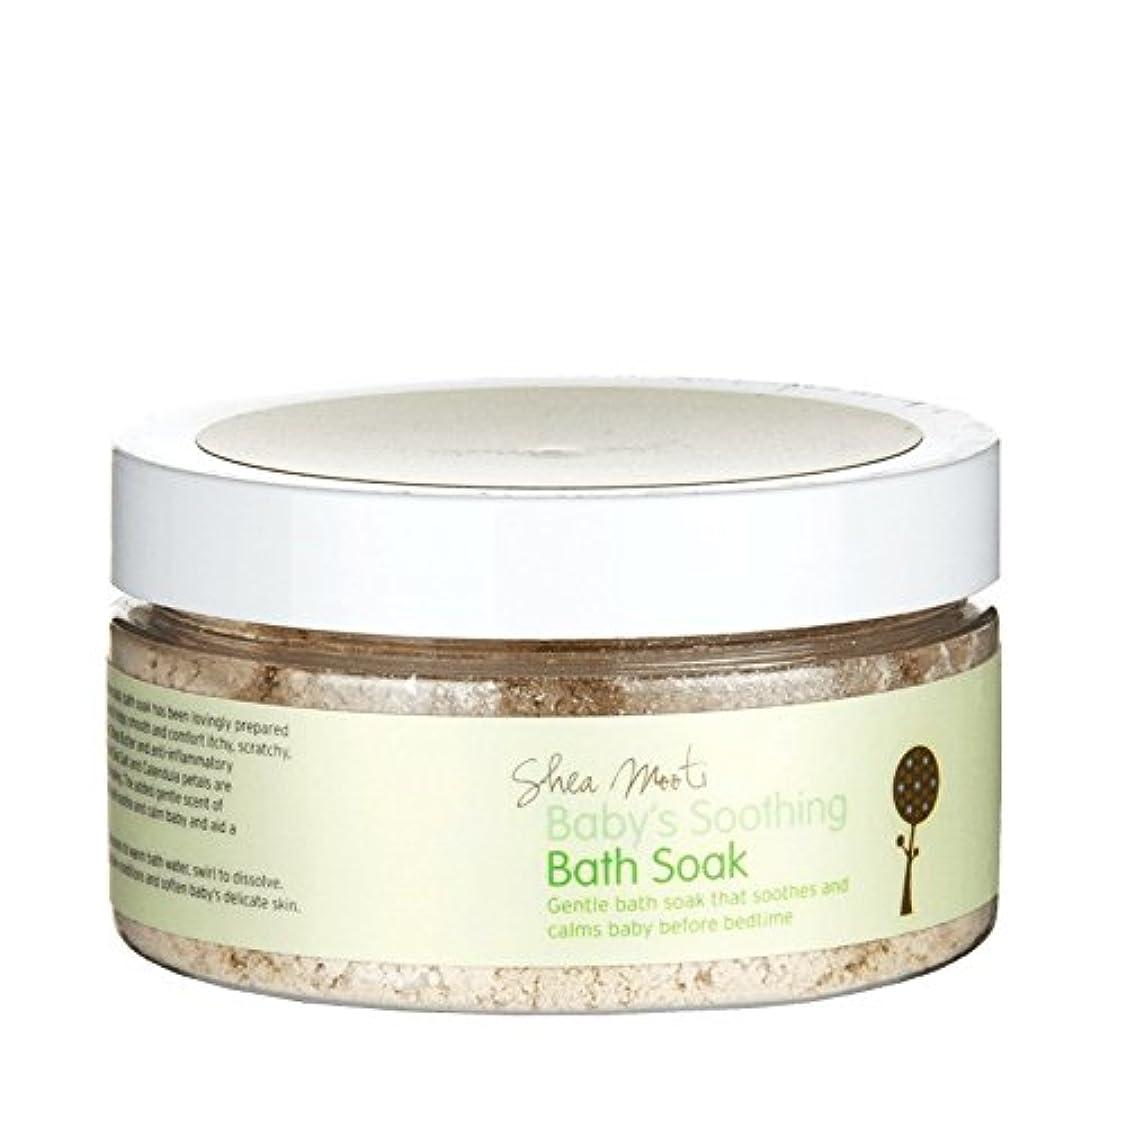 タイマー保持するリボンシアバターMooti赤ちゃんの癒しのお風呂は、130グラムを浸し - Shea Mooti Baby's Soothing Bath Soak 130g (Shea Mooti) [並行輸入品]